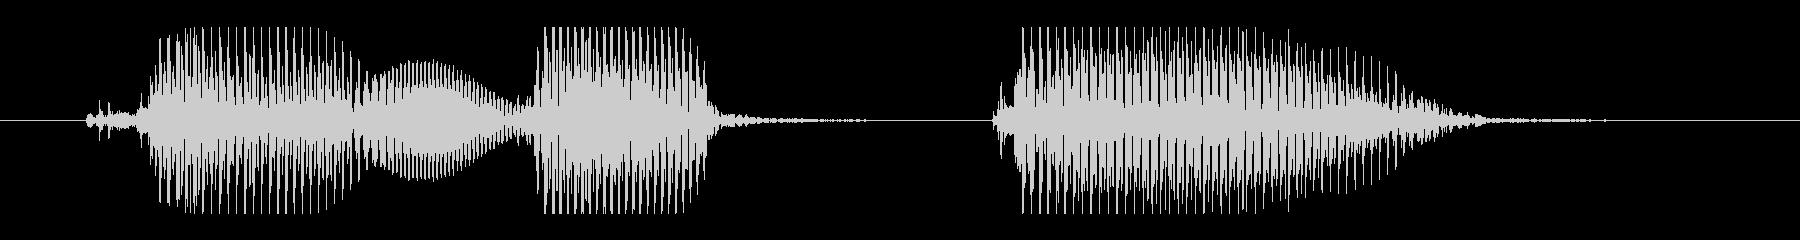 「がんばって!」の未再生の波形